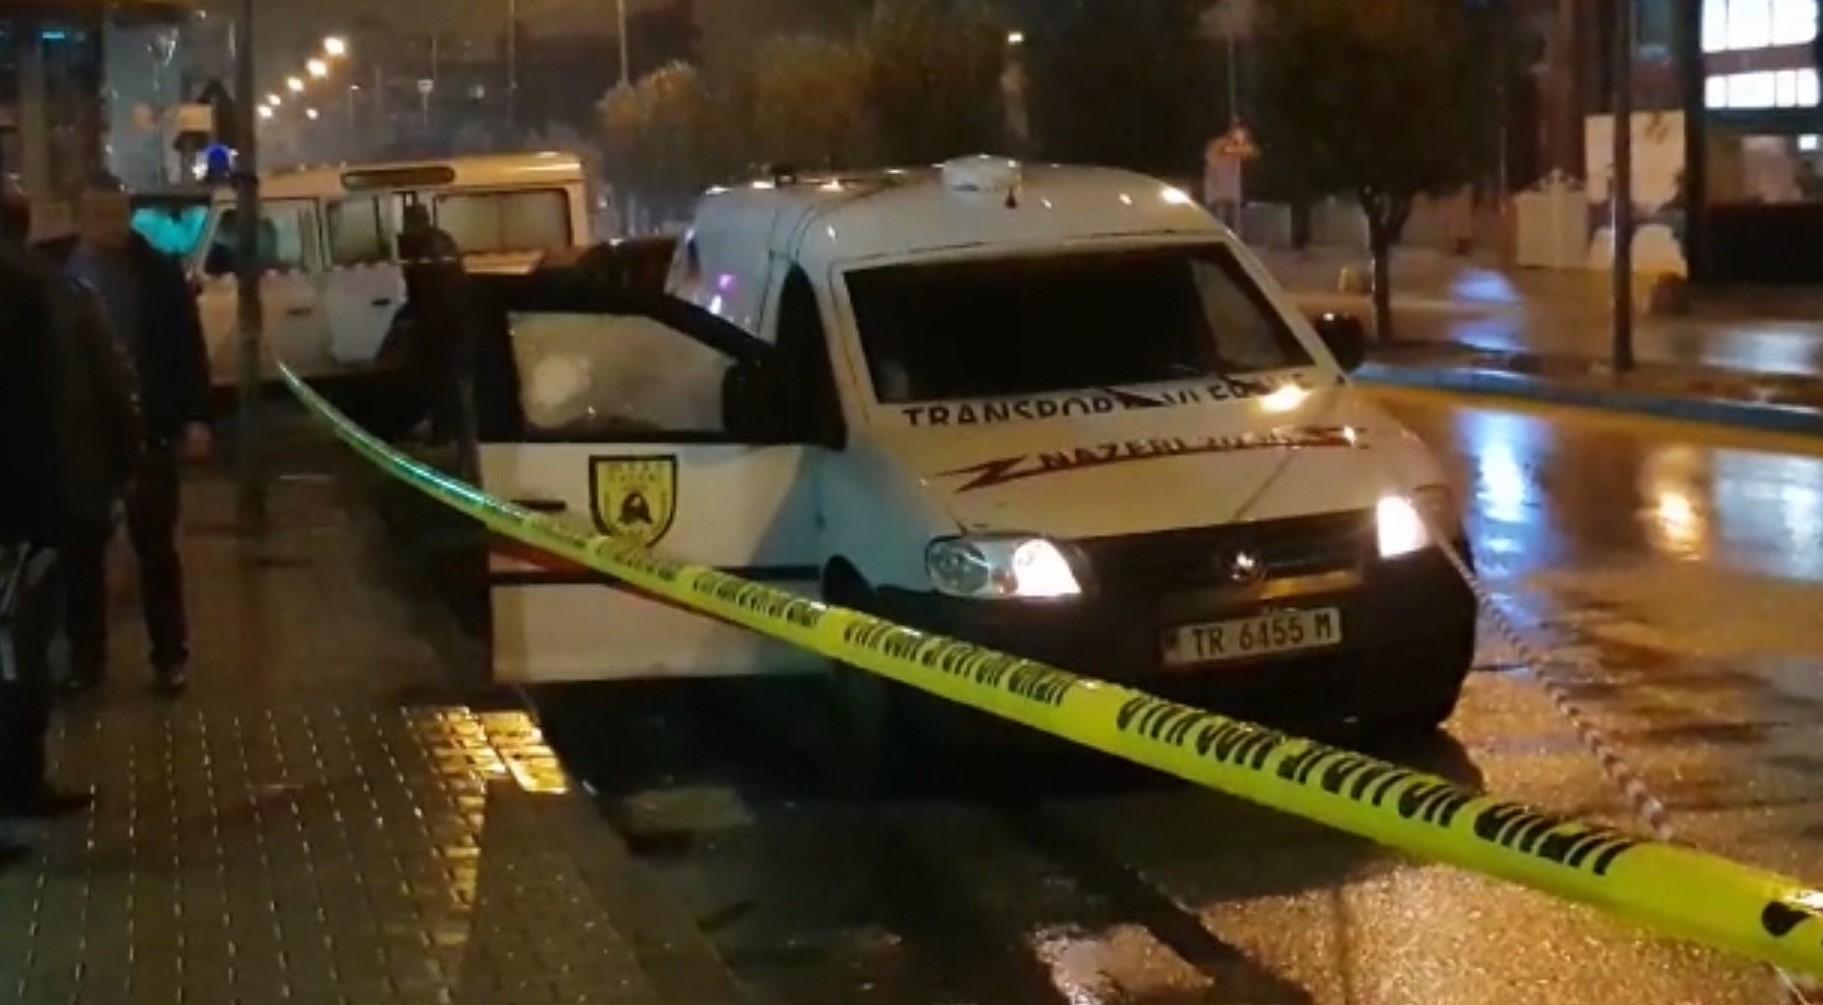 Durrës/ grabitja e 75 milionëve, gjykata le në burg dy policët